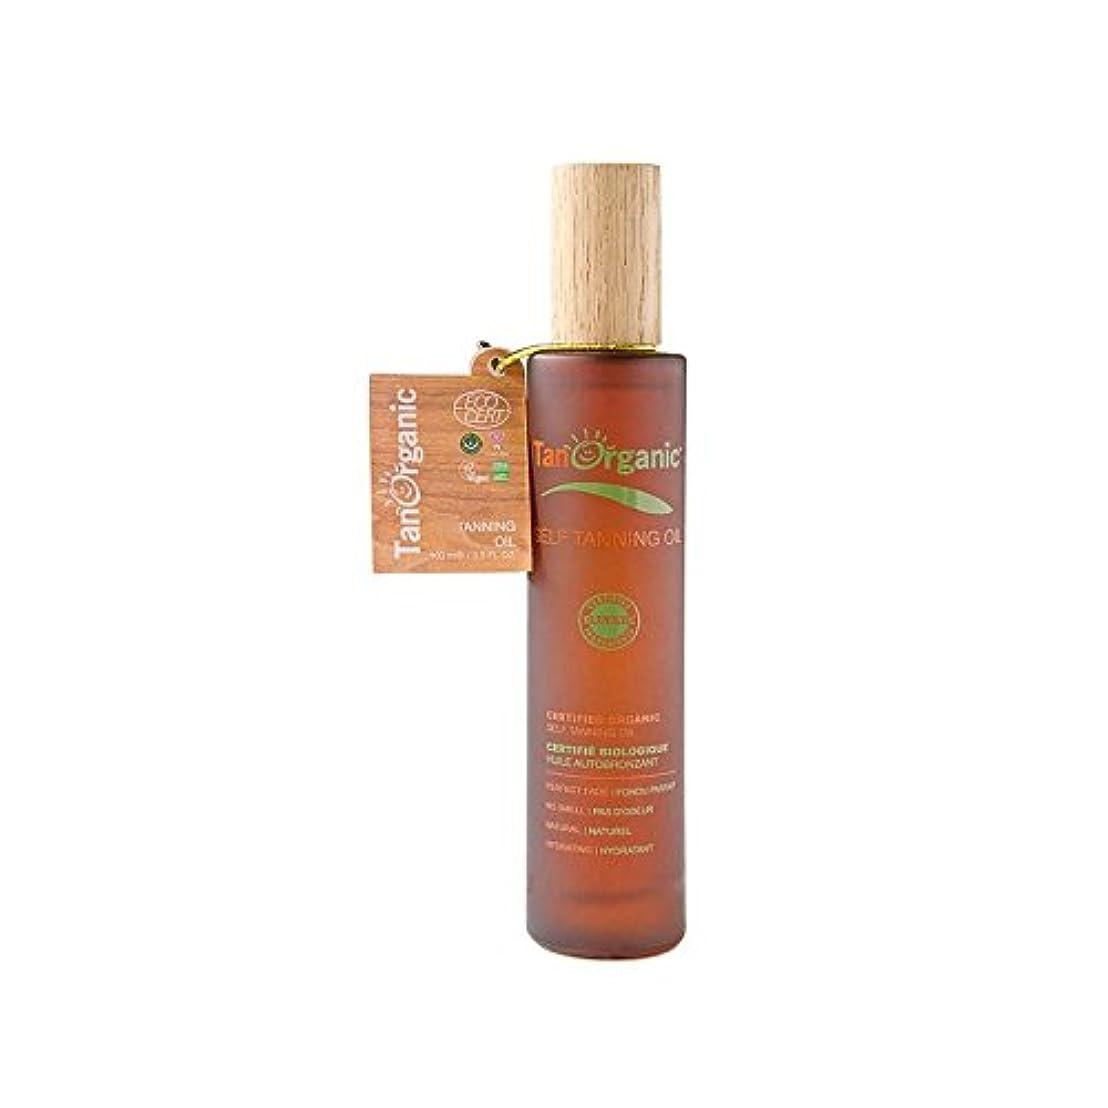 変換パネル面積Tanorganic自己日焼け顔&ボディオイル (Tan Organic) (x 4) - TanOrganic Self-Tan Face & Body Oil (Pack of 4) [並行輸入品]